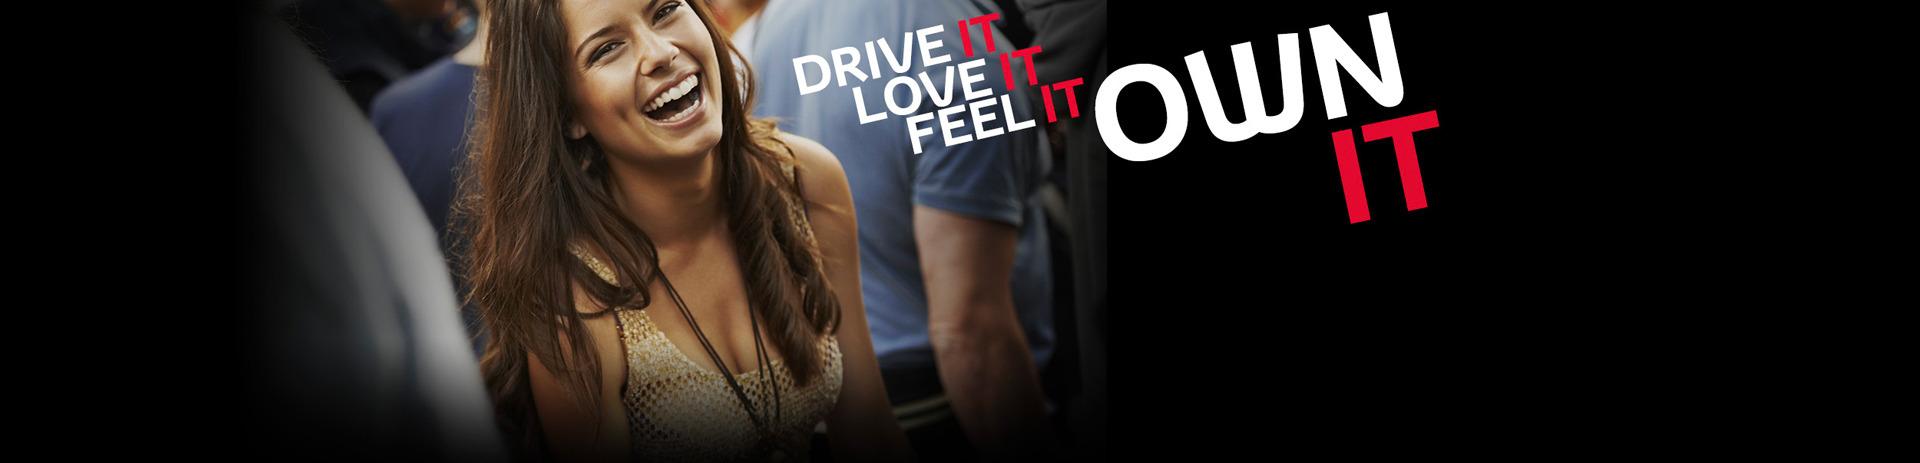 Drive It, Love It, Feel It, Own It.